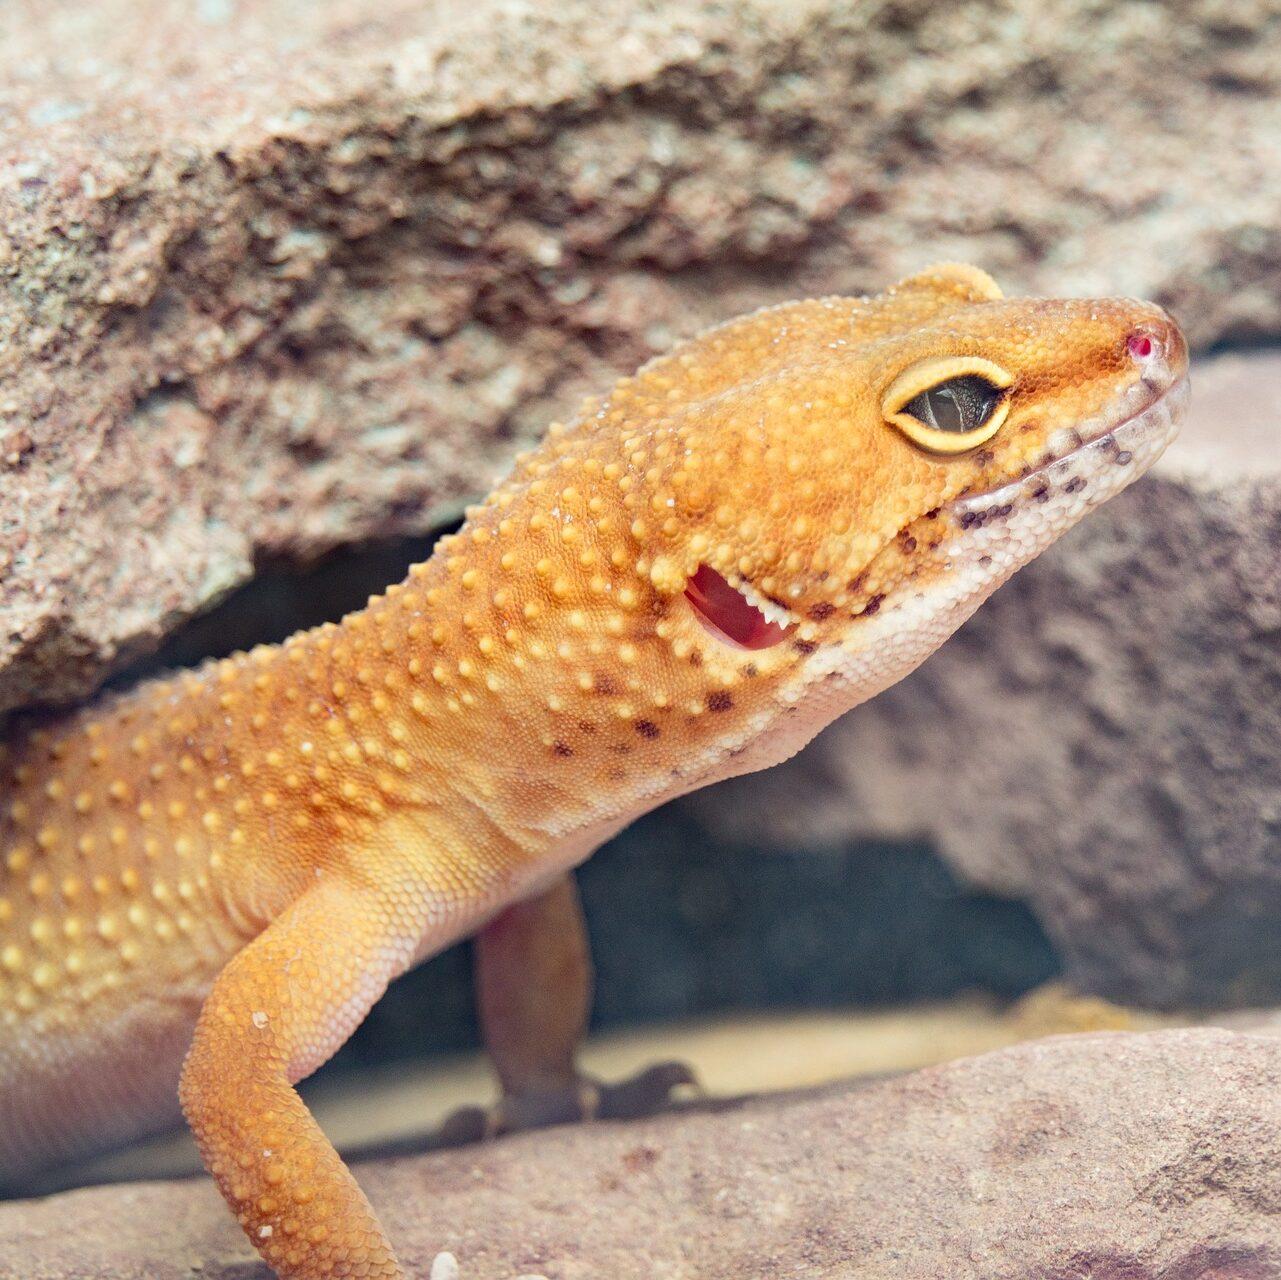 Gekon orzęsiony hypo wychodzący z kryjówki